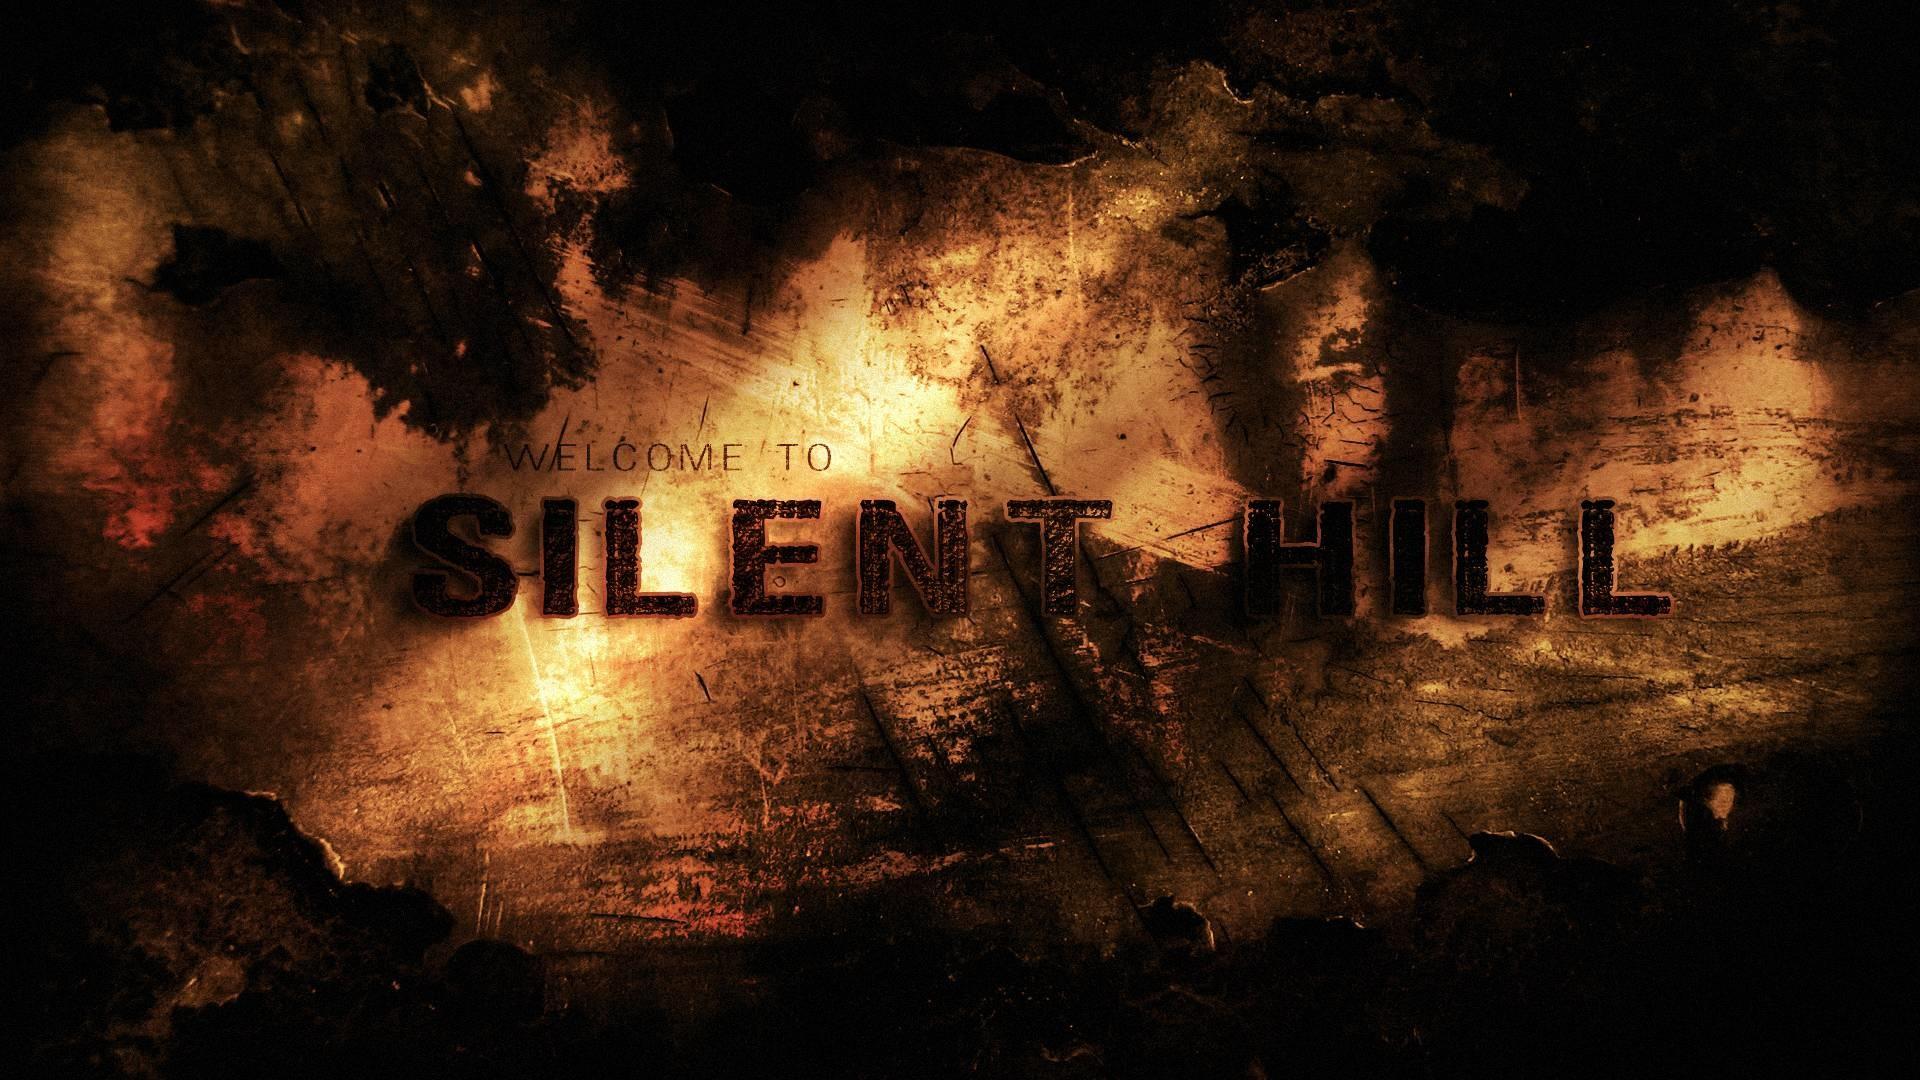 Silent Hill Wallpaper – Silent Hill saga Wallpaper